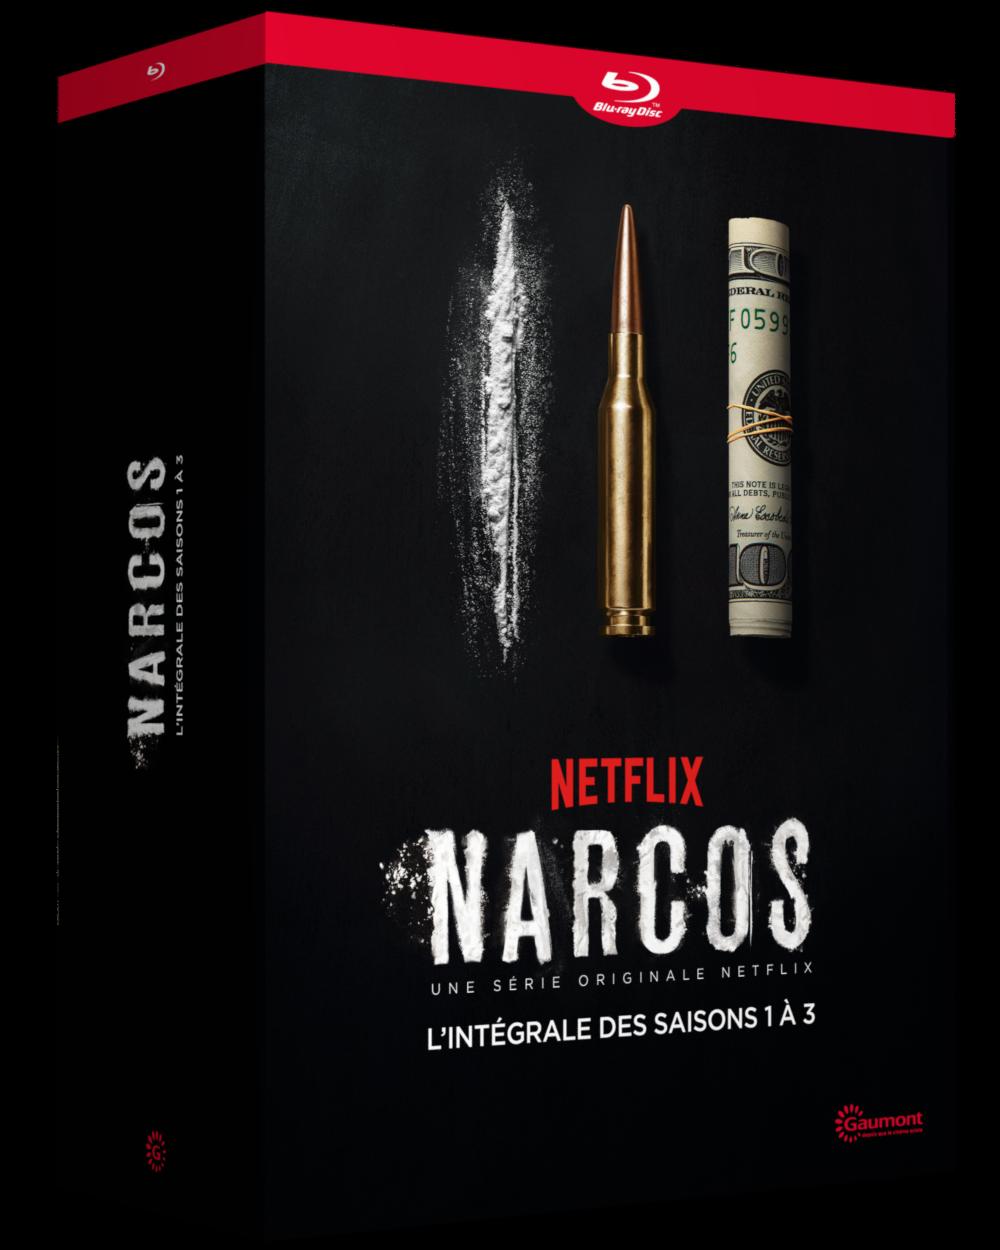 NARCOS L'INTEGRALE DES SAISONS 1 A 3 - 12 BLU-RAY